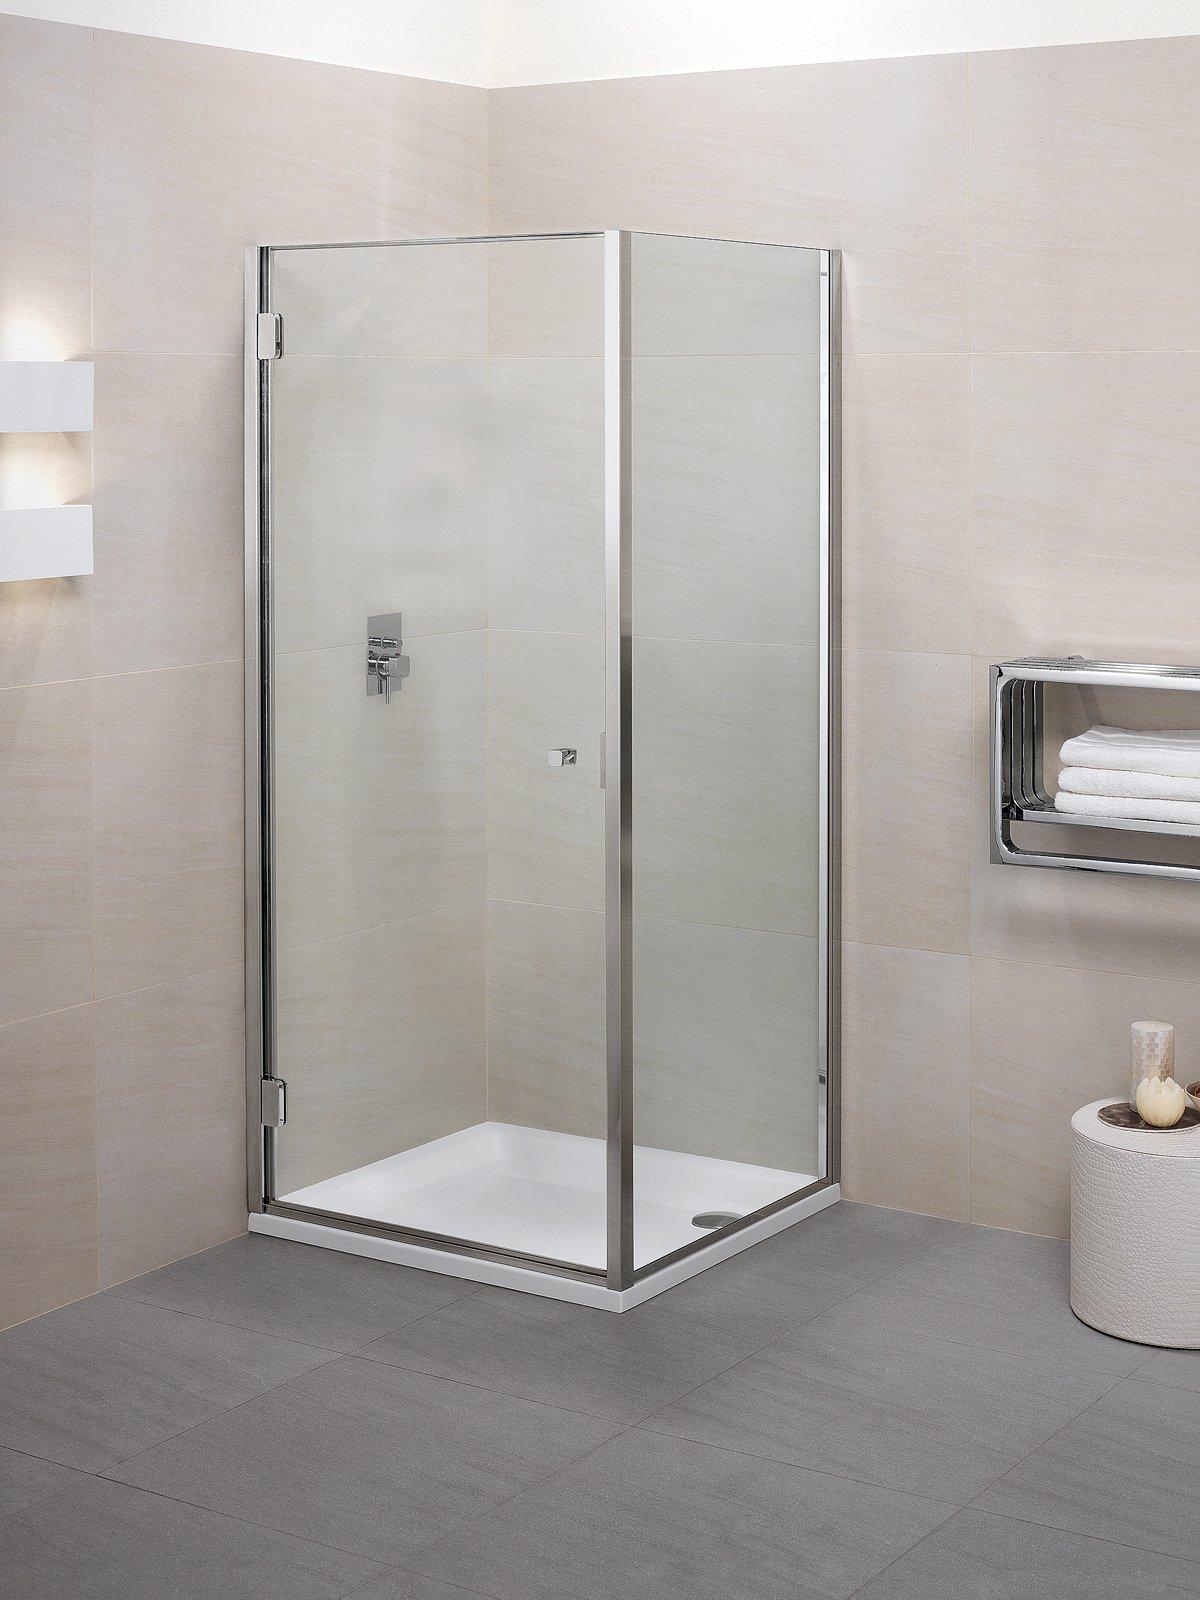 La doccia: come scegliere - Cose di Casa